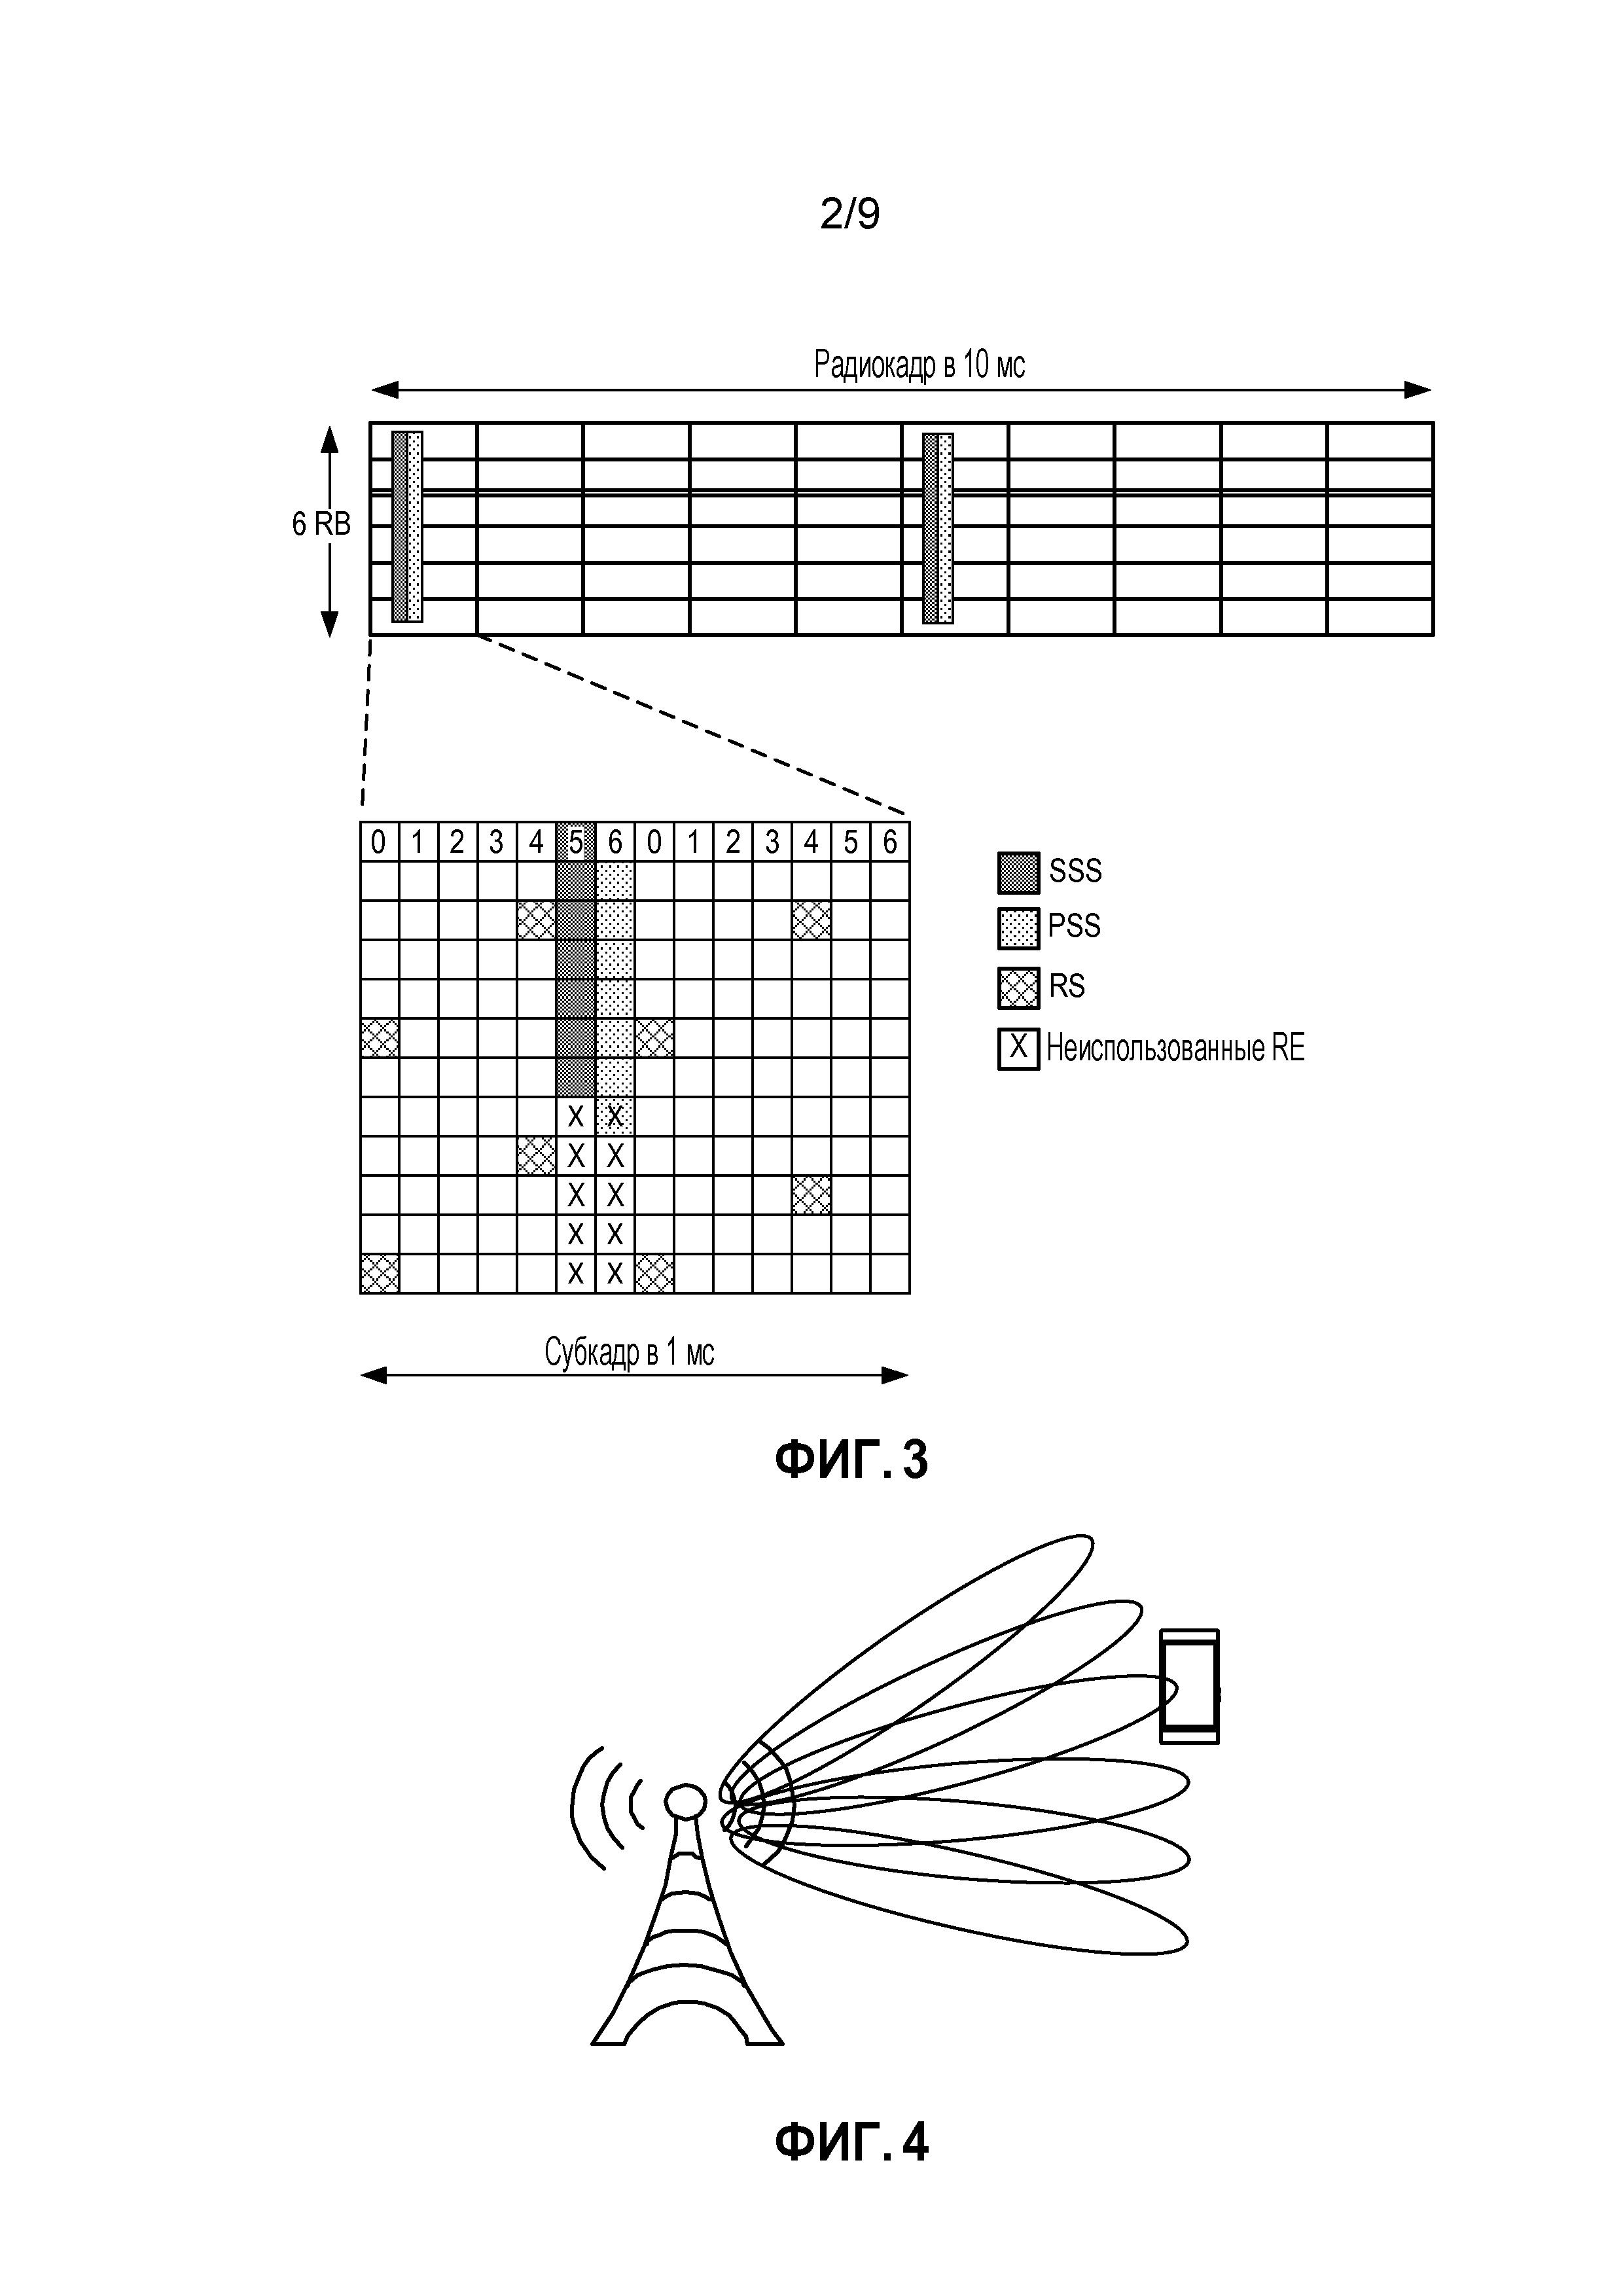 Способ и оборудование для синхронизации беспроводных устройств в системе связи на основе лучей